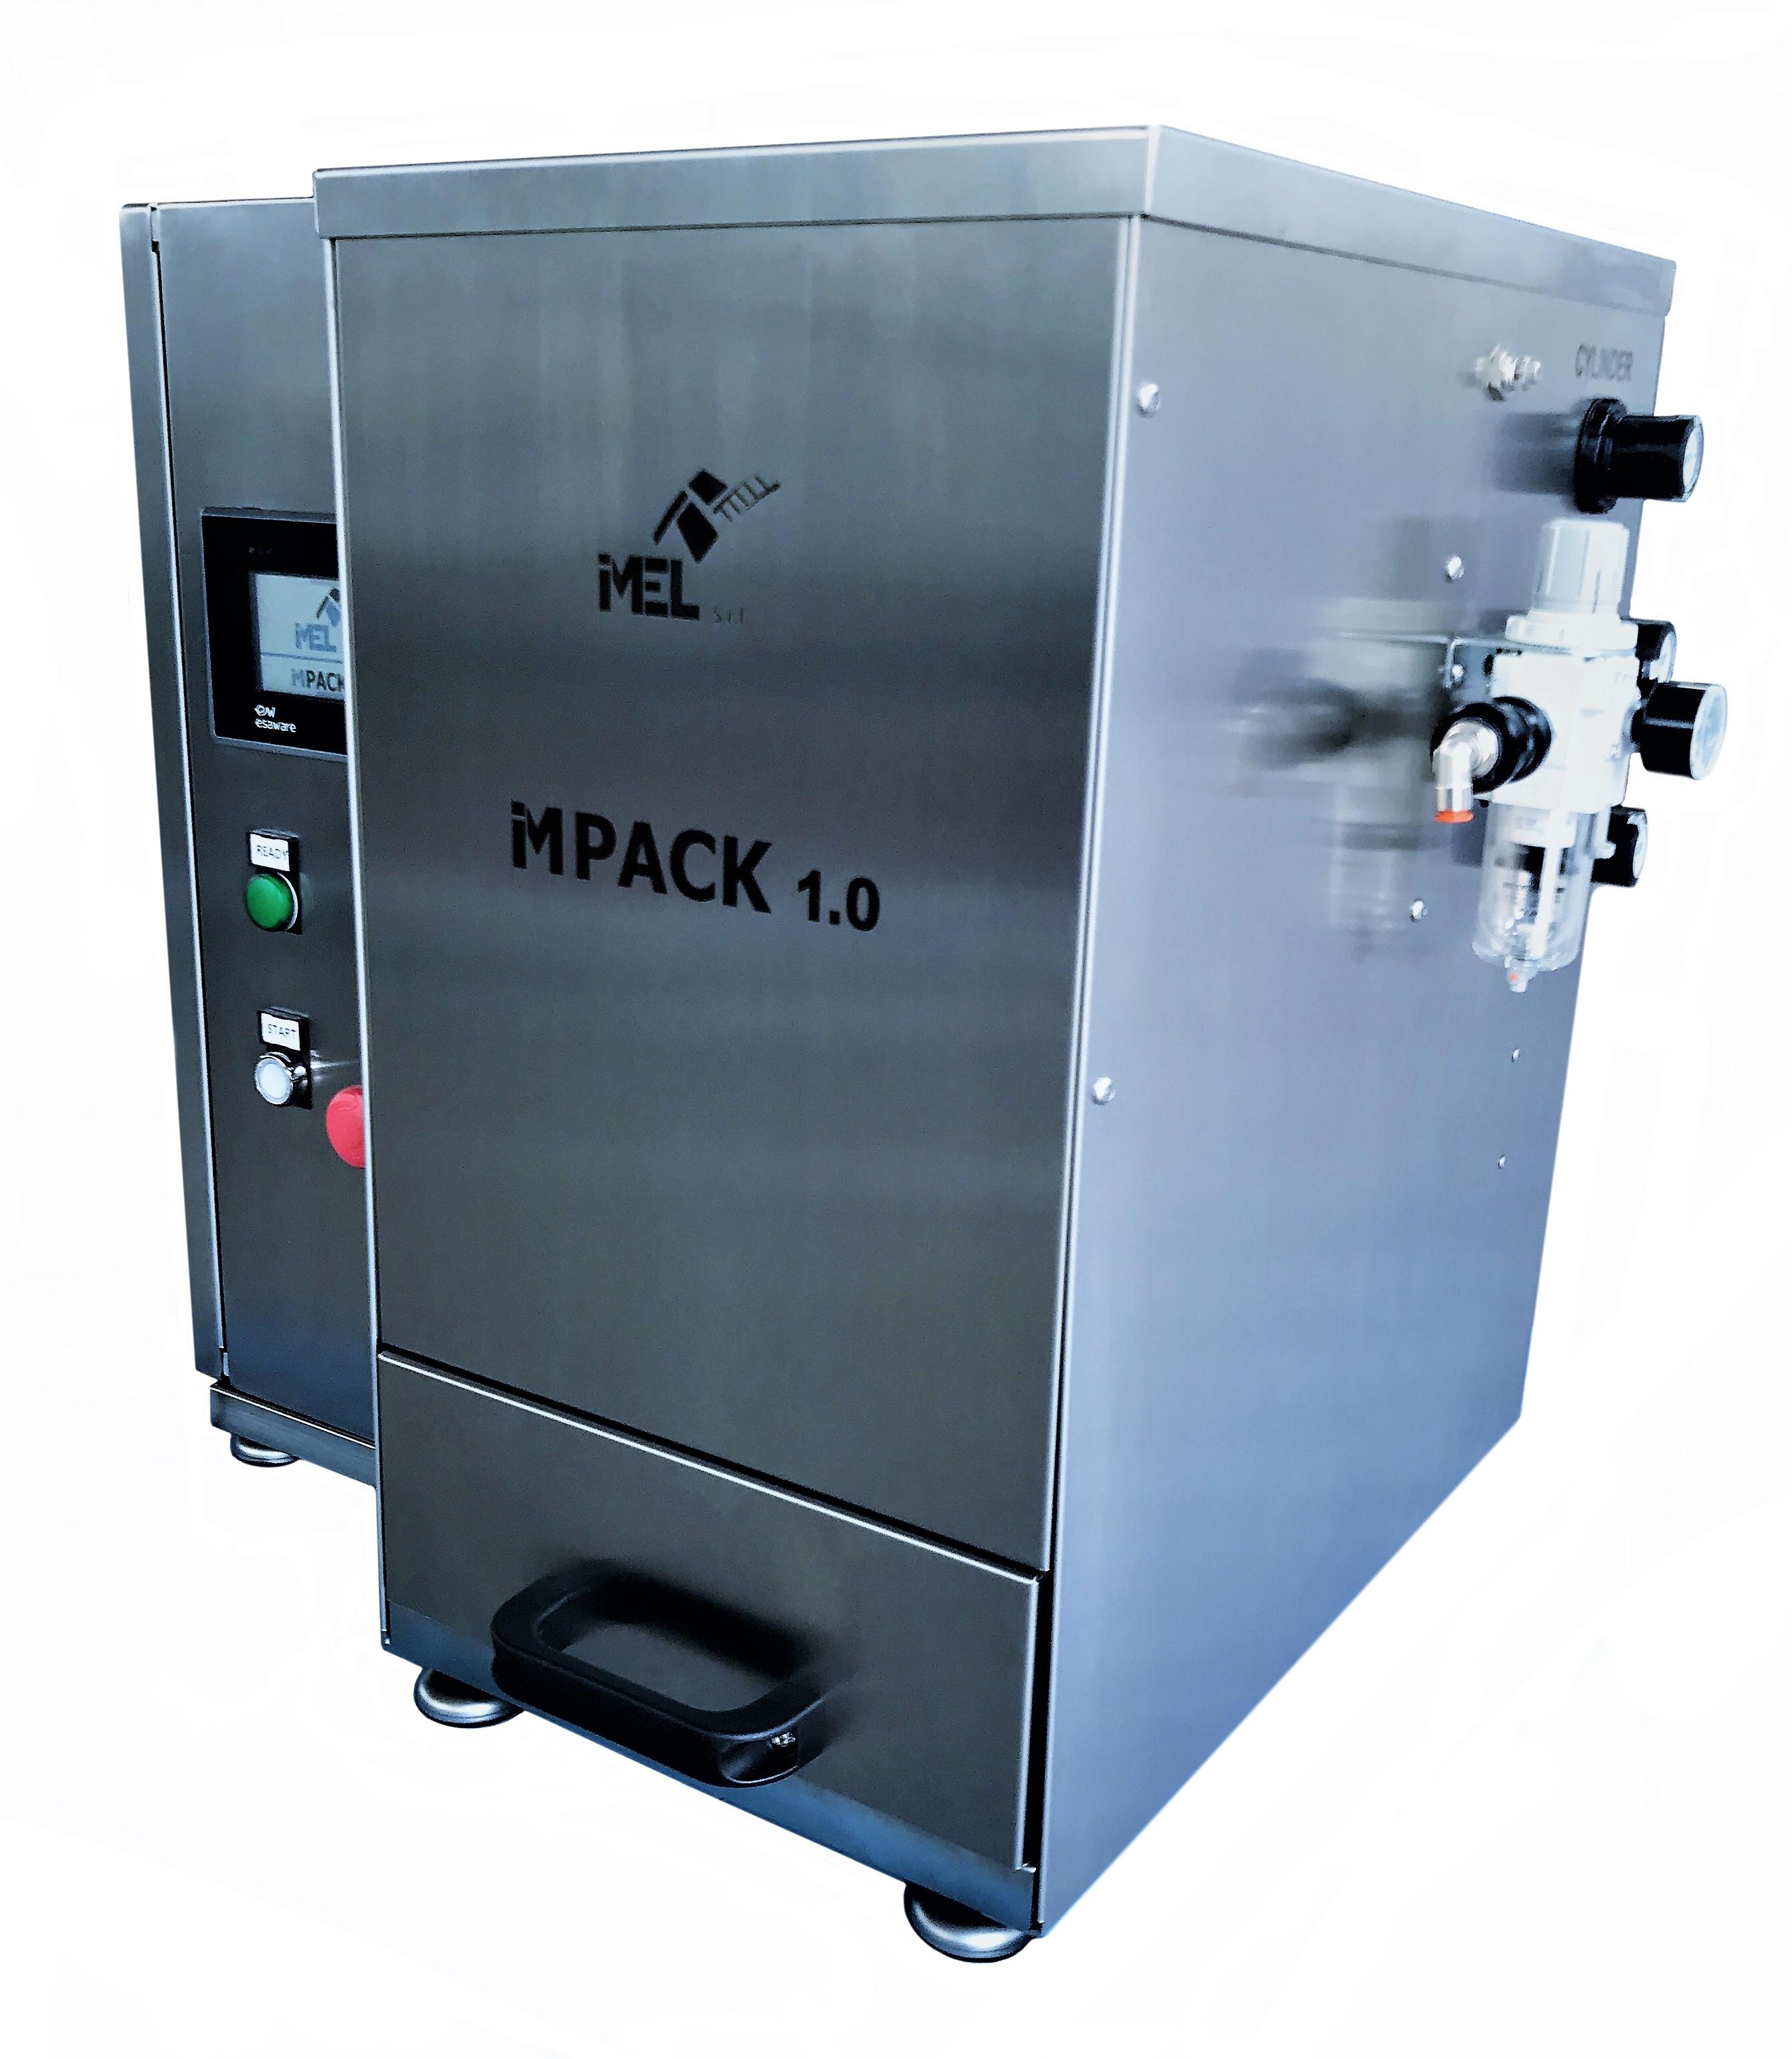 IMPACK1.0